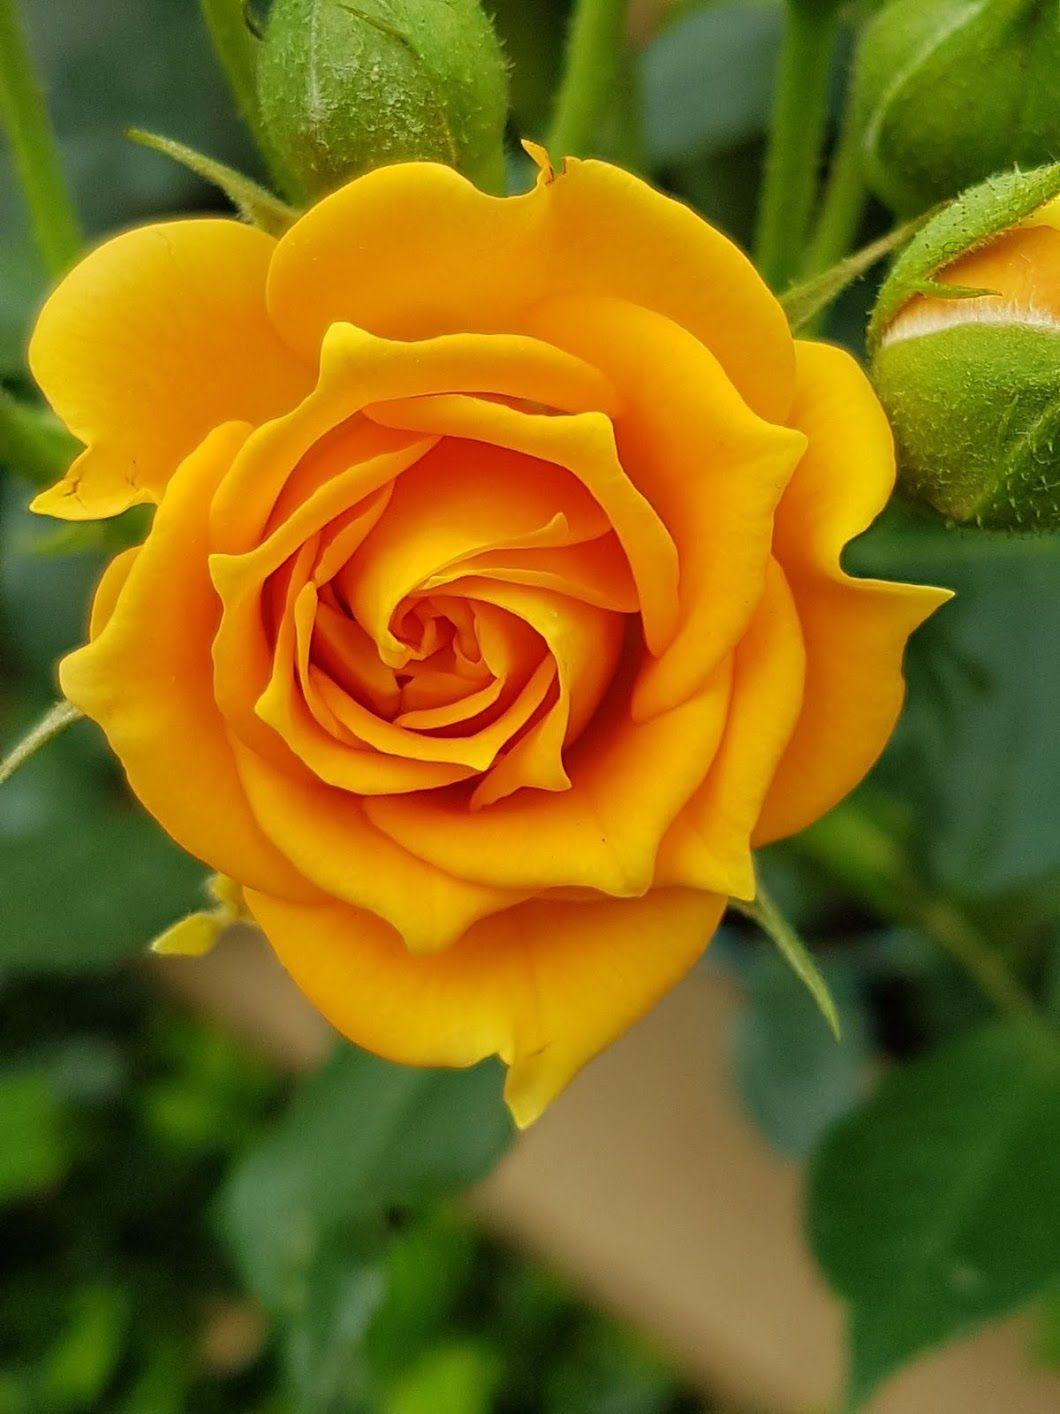 93 mejores imágenes de Rosas naranjas en 2020 | Rosas naranja ...